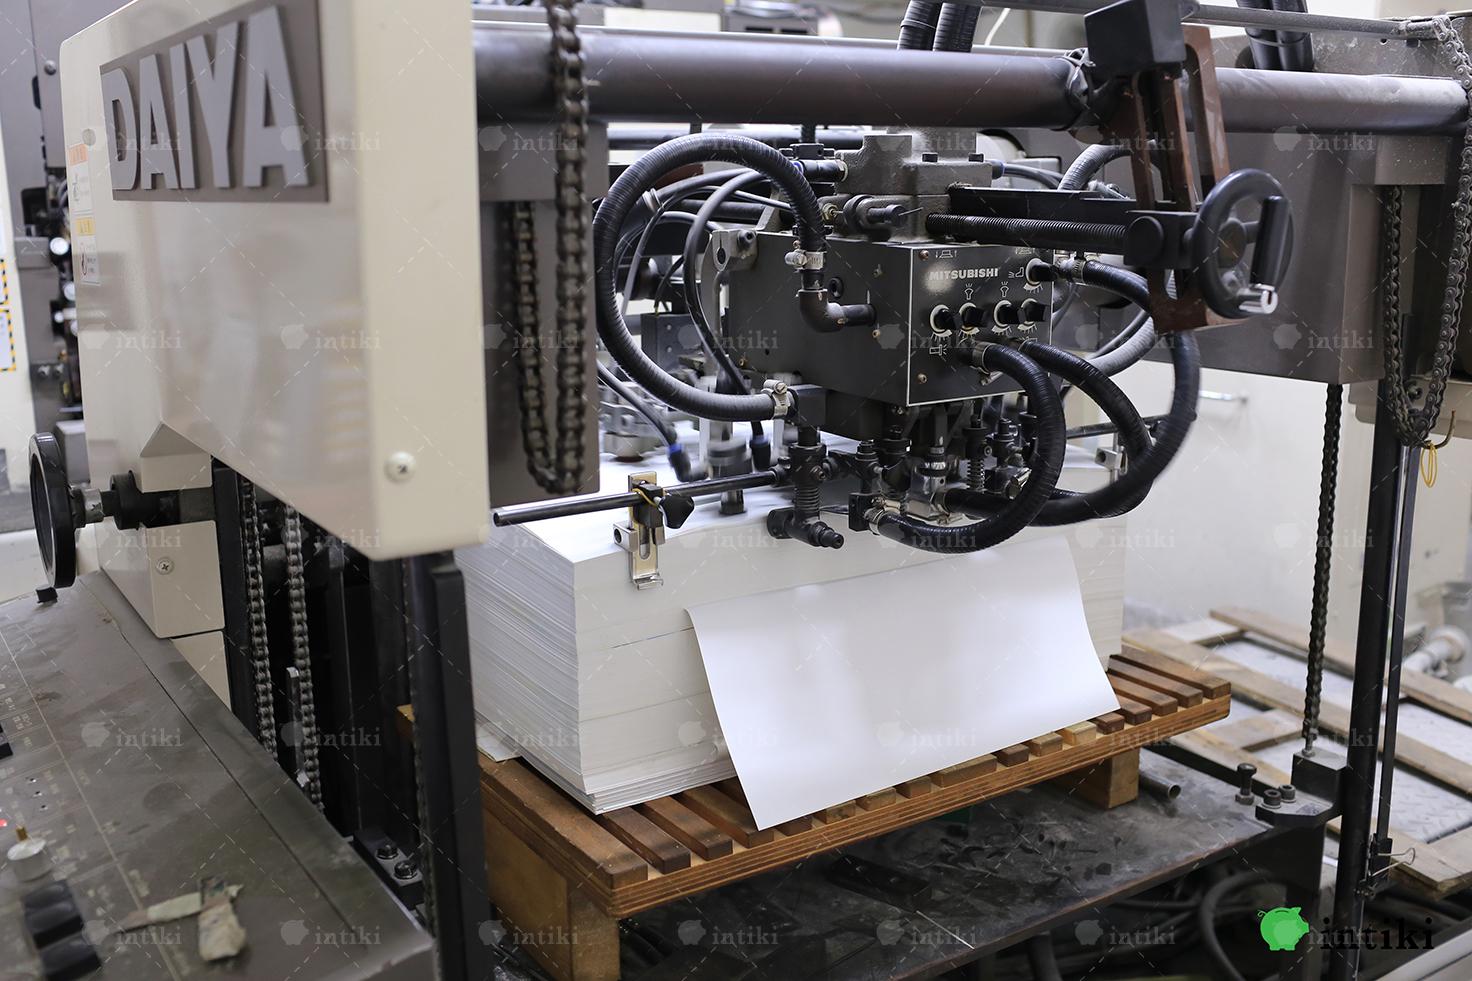 dau ra may in offset - Cùng tìm hiểu về dịch vụ in ấn với công nghệ in offset